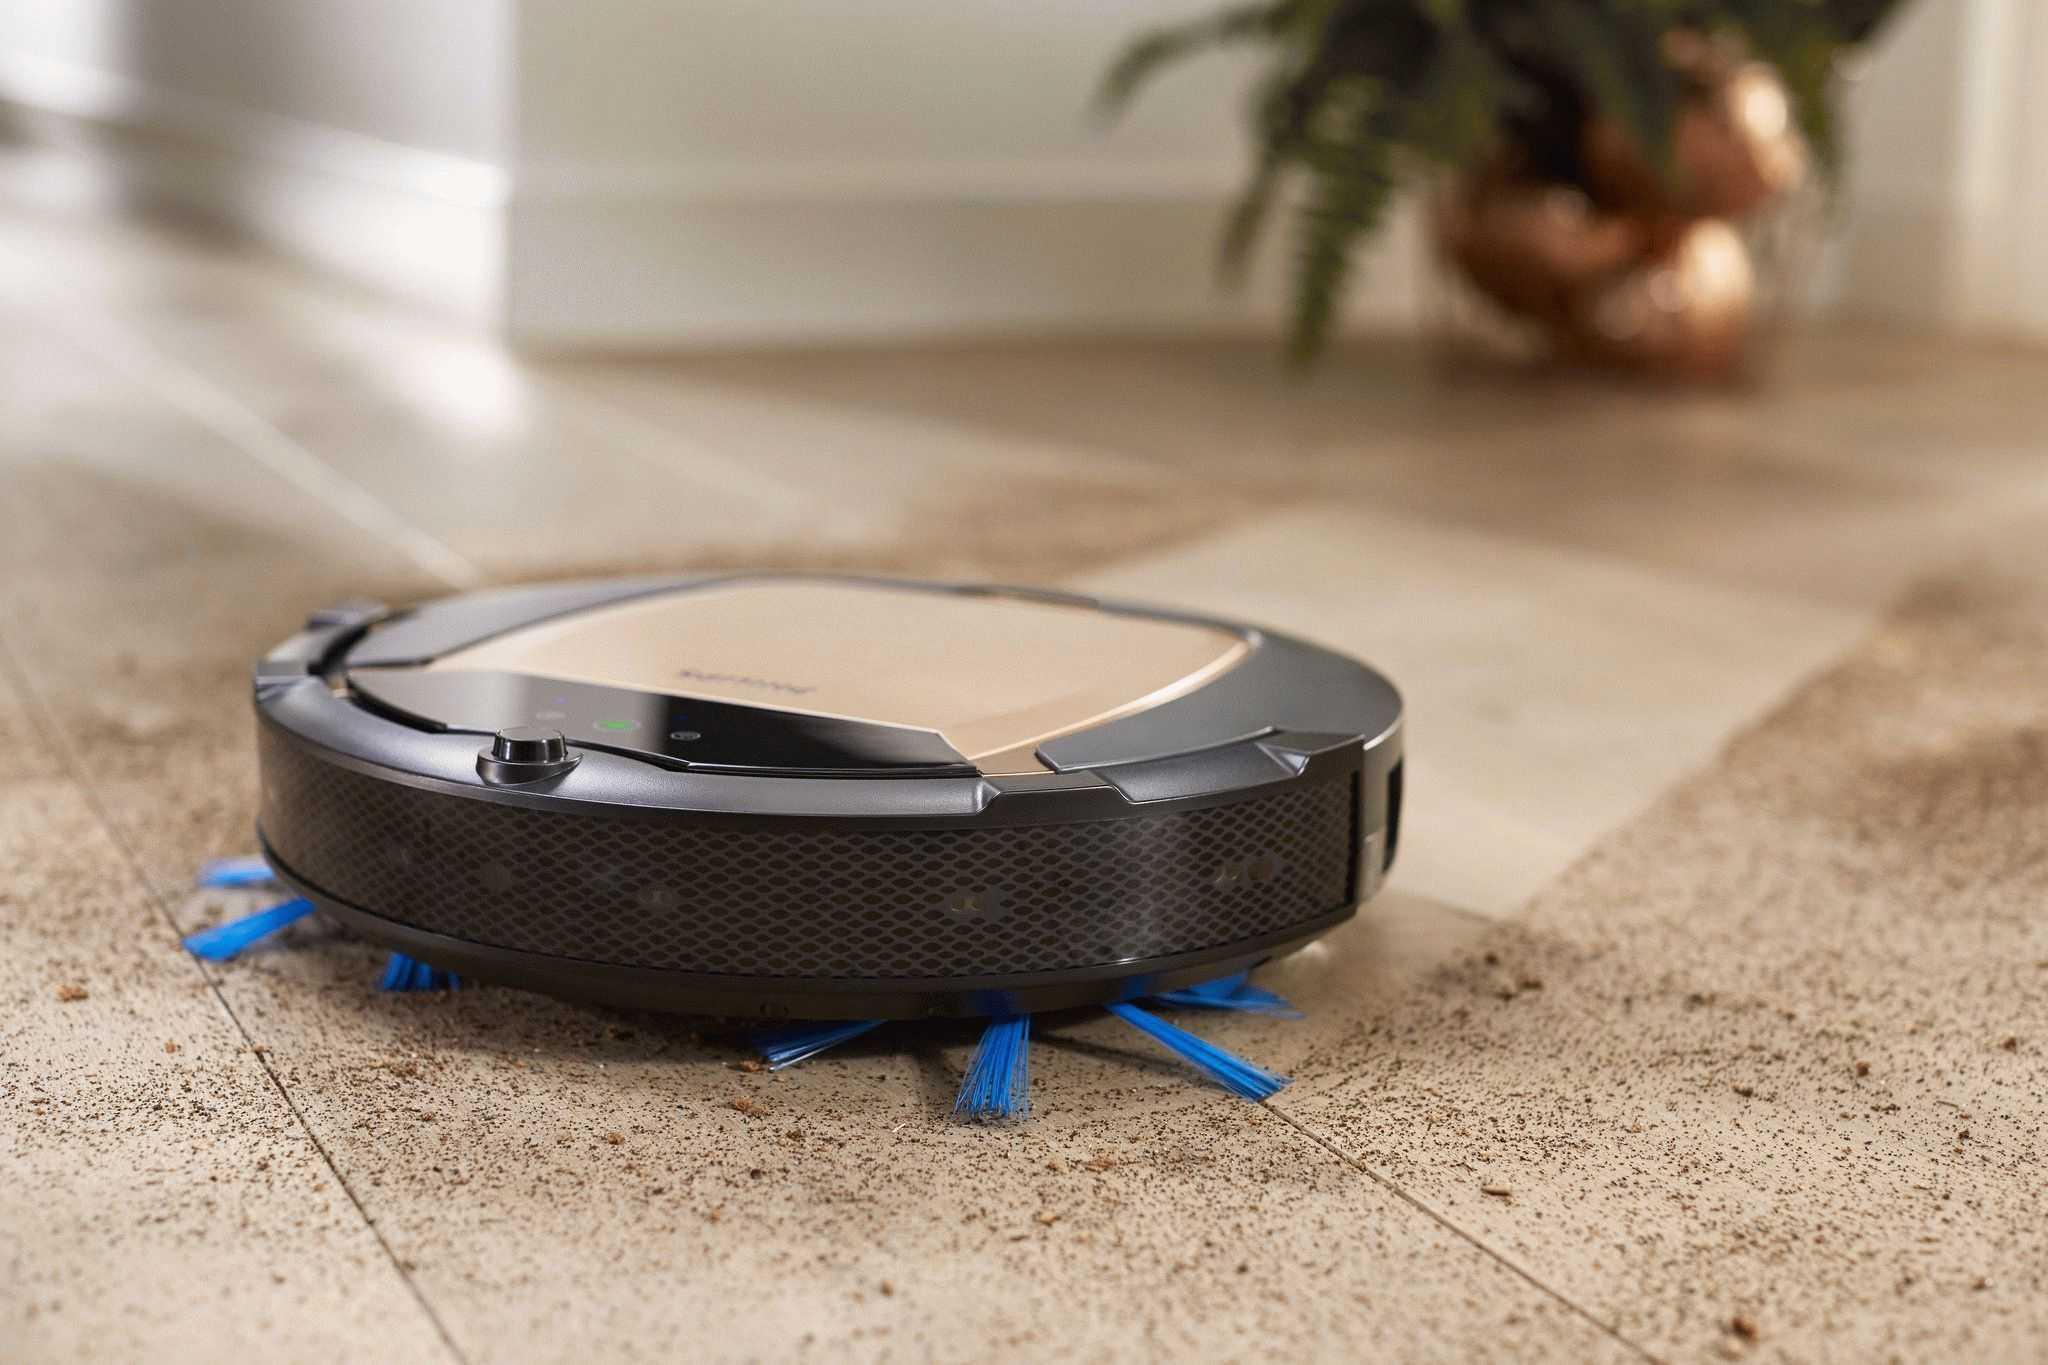 Как выбрать робот-пылесос для квартиры или дома в 2020 - советы